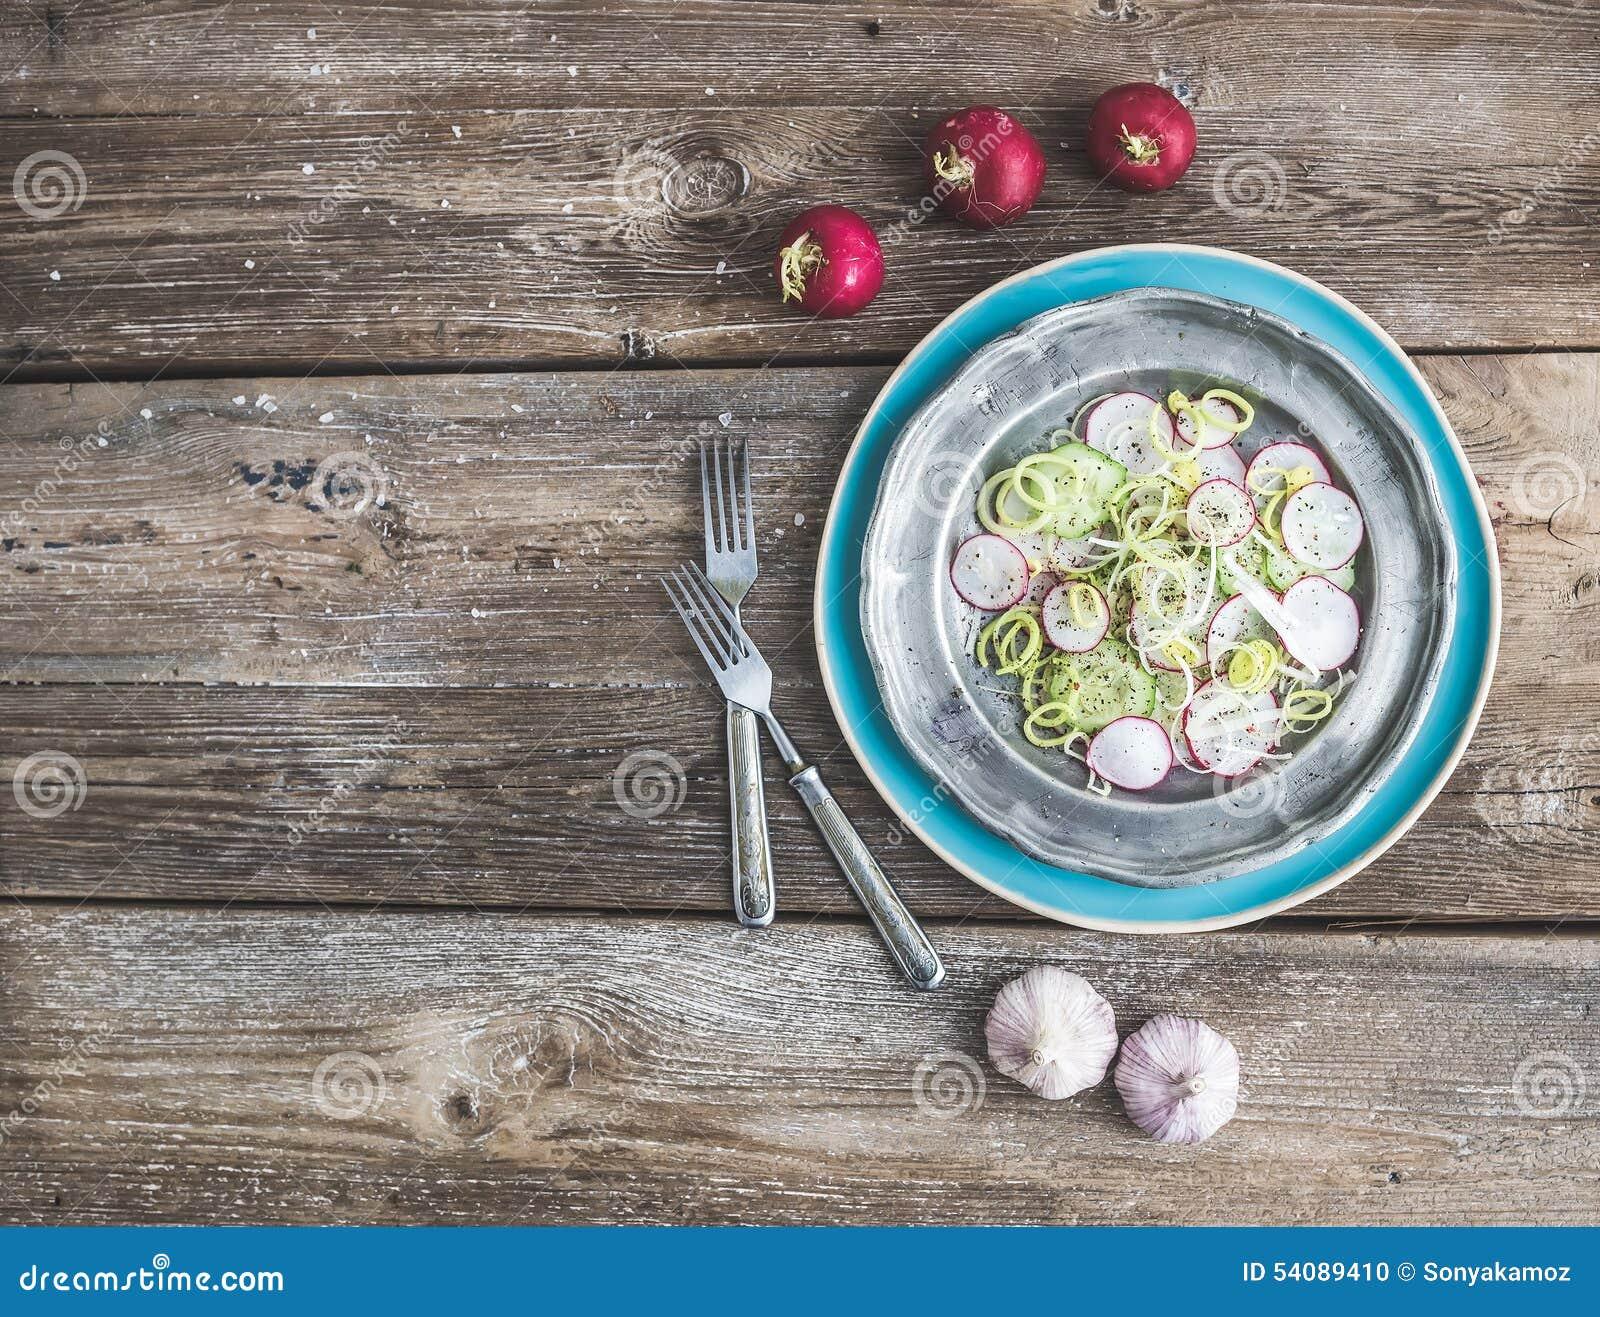 De lentesalade met binnen prei, radijs en komkommer